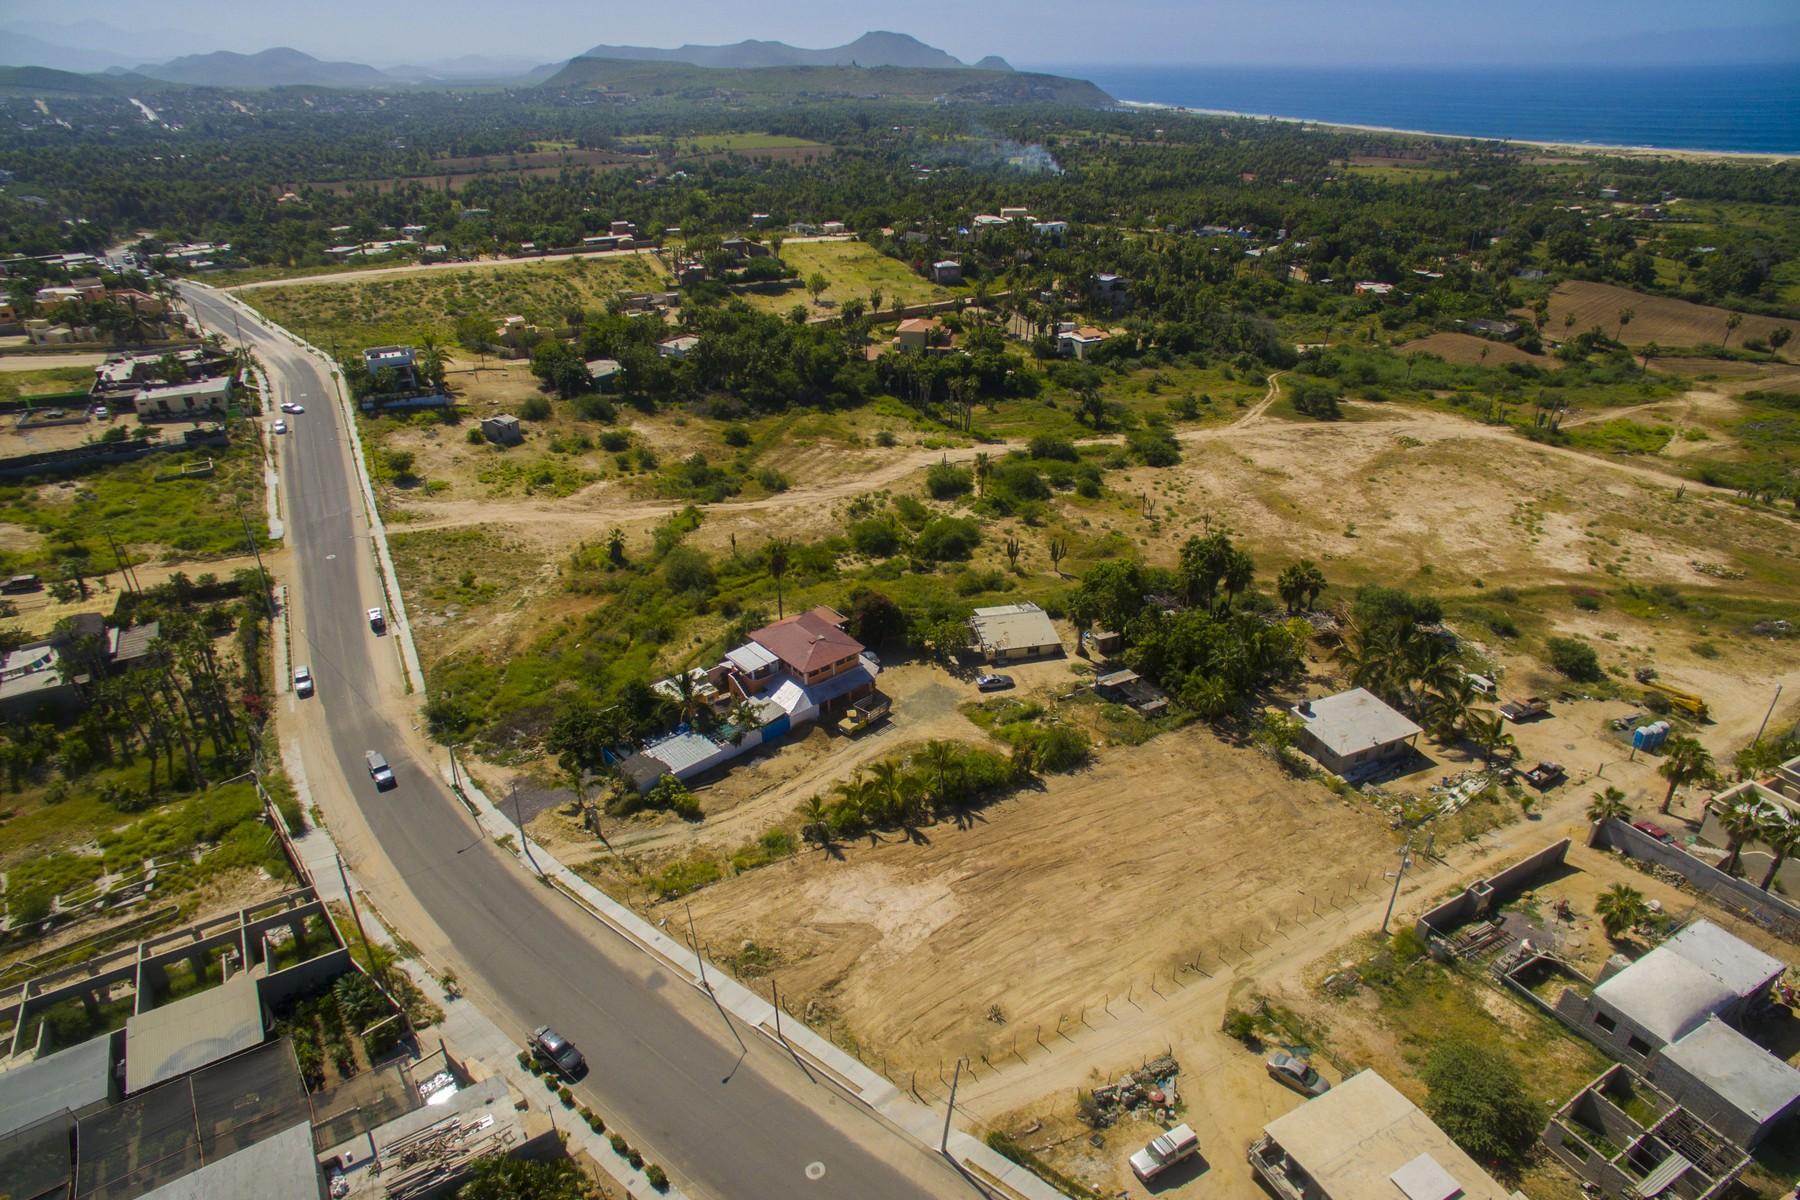 Land for Sale at Lote Mercado Todos Santos Las Brisas Todos Santos, Baja California Sur 23300 Mexico